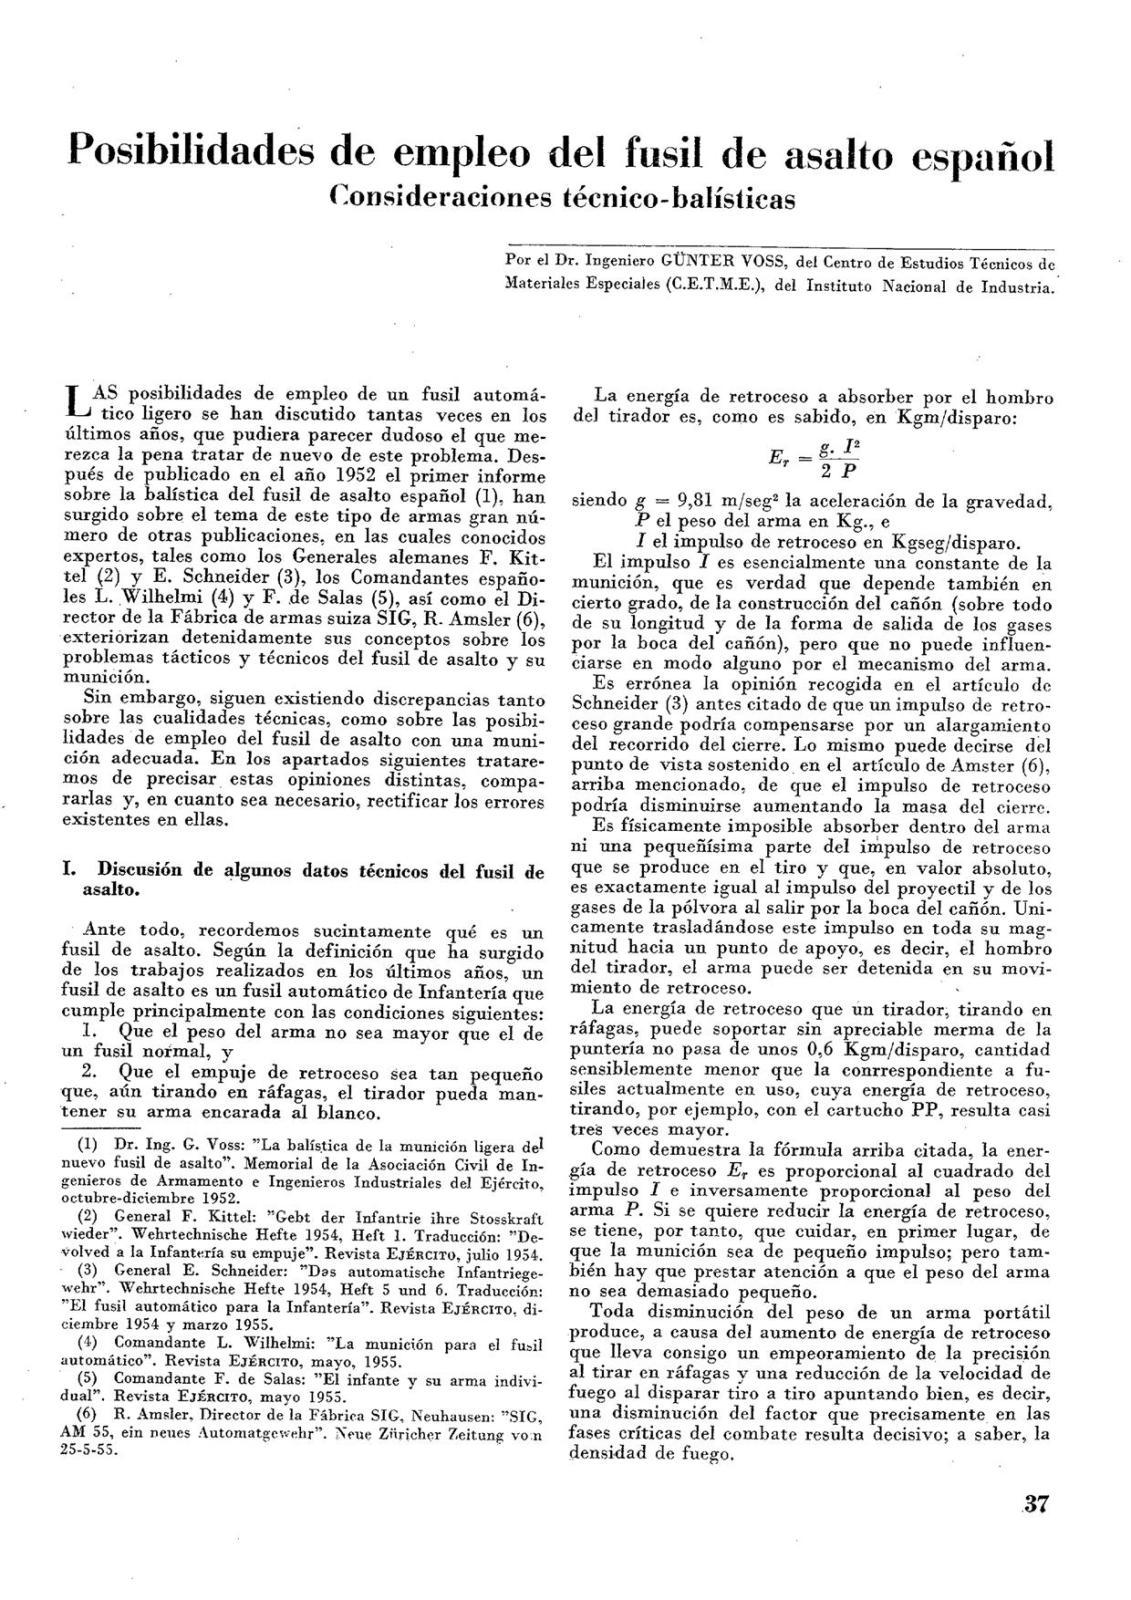 interesante articulo de GÜNTER VOSS 2dh90js